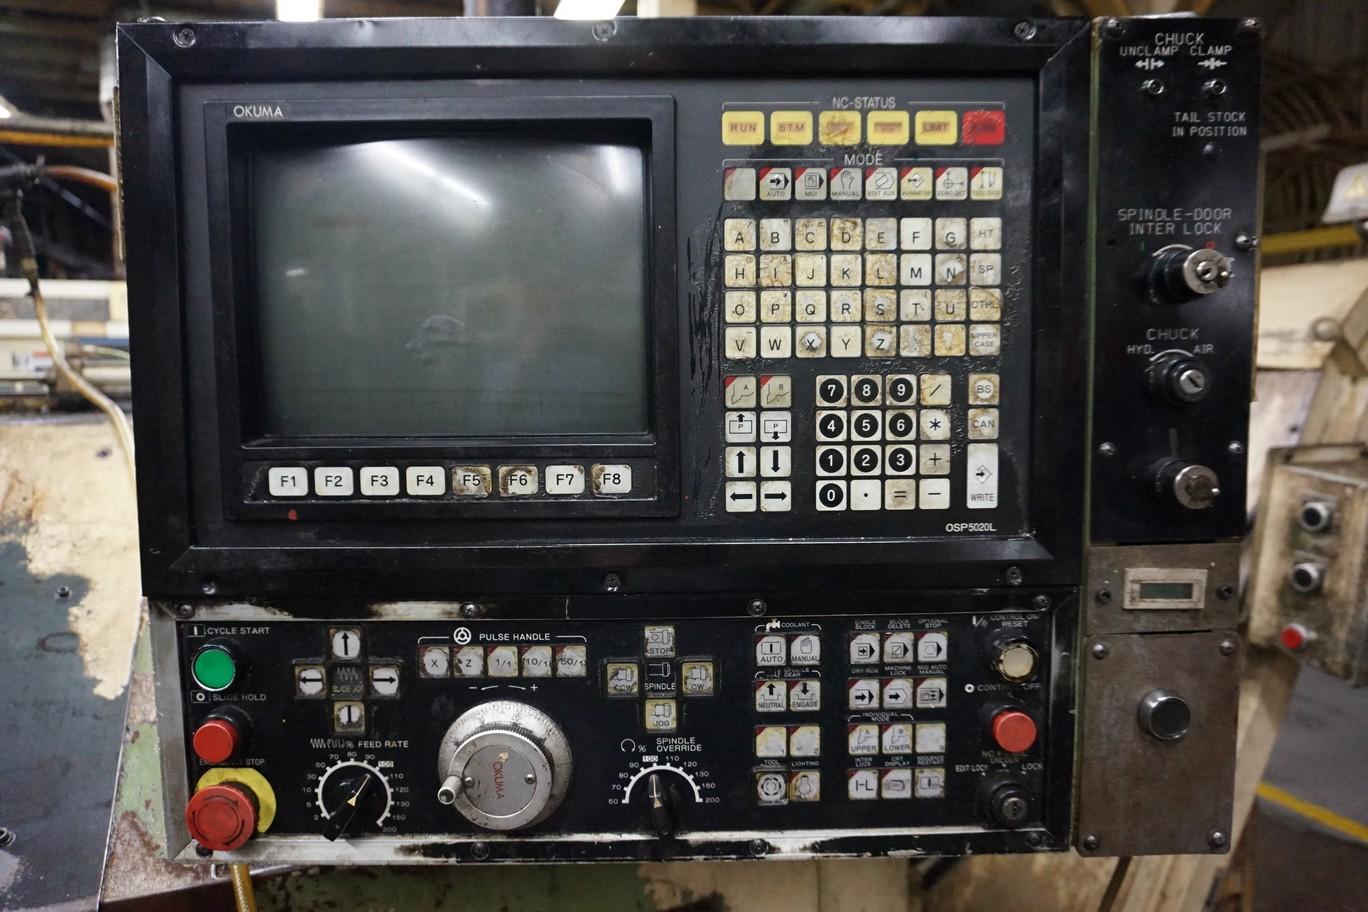 Okuma Model LB15 CNC Lathe 220/440V c/w Chip Conveyor, Transformer - Image 2 of 4